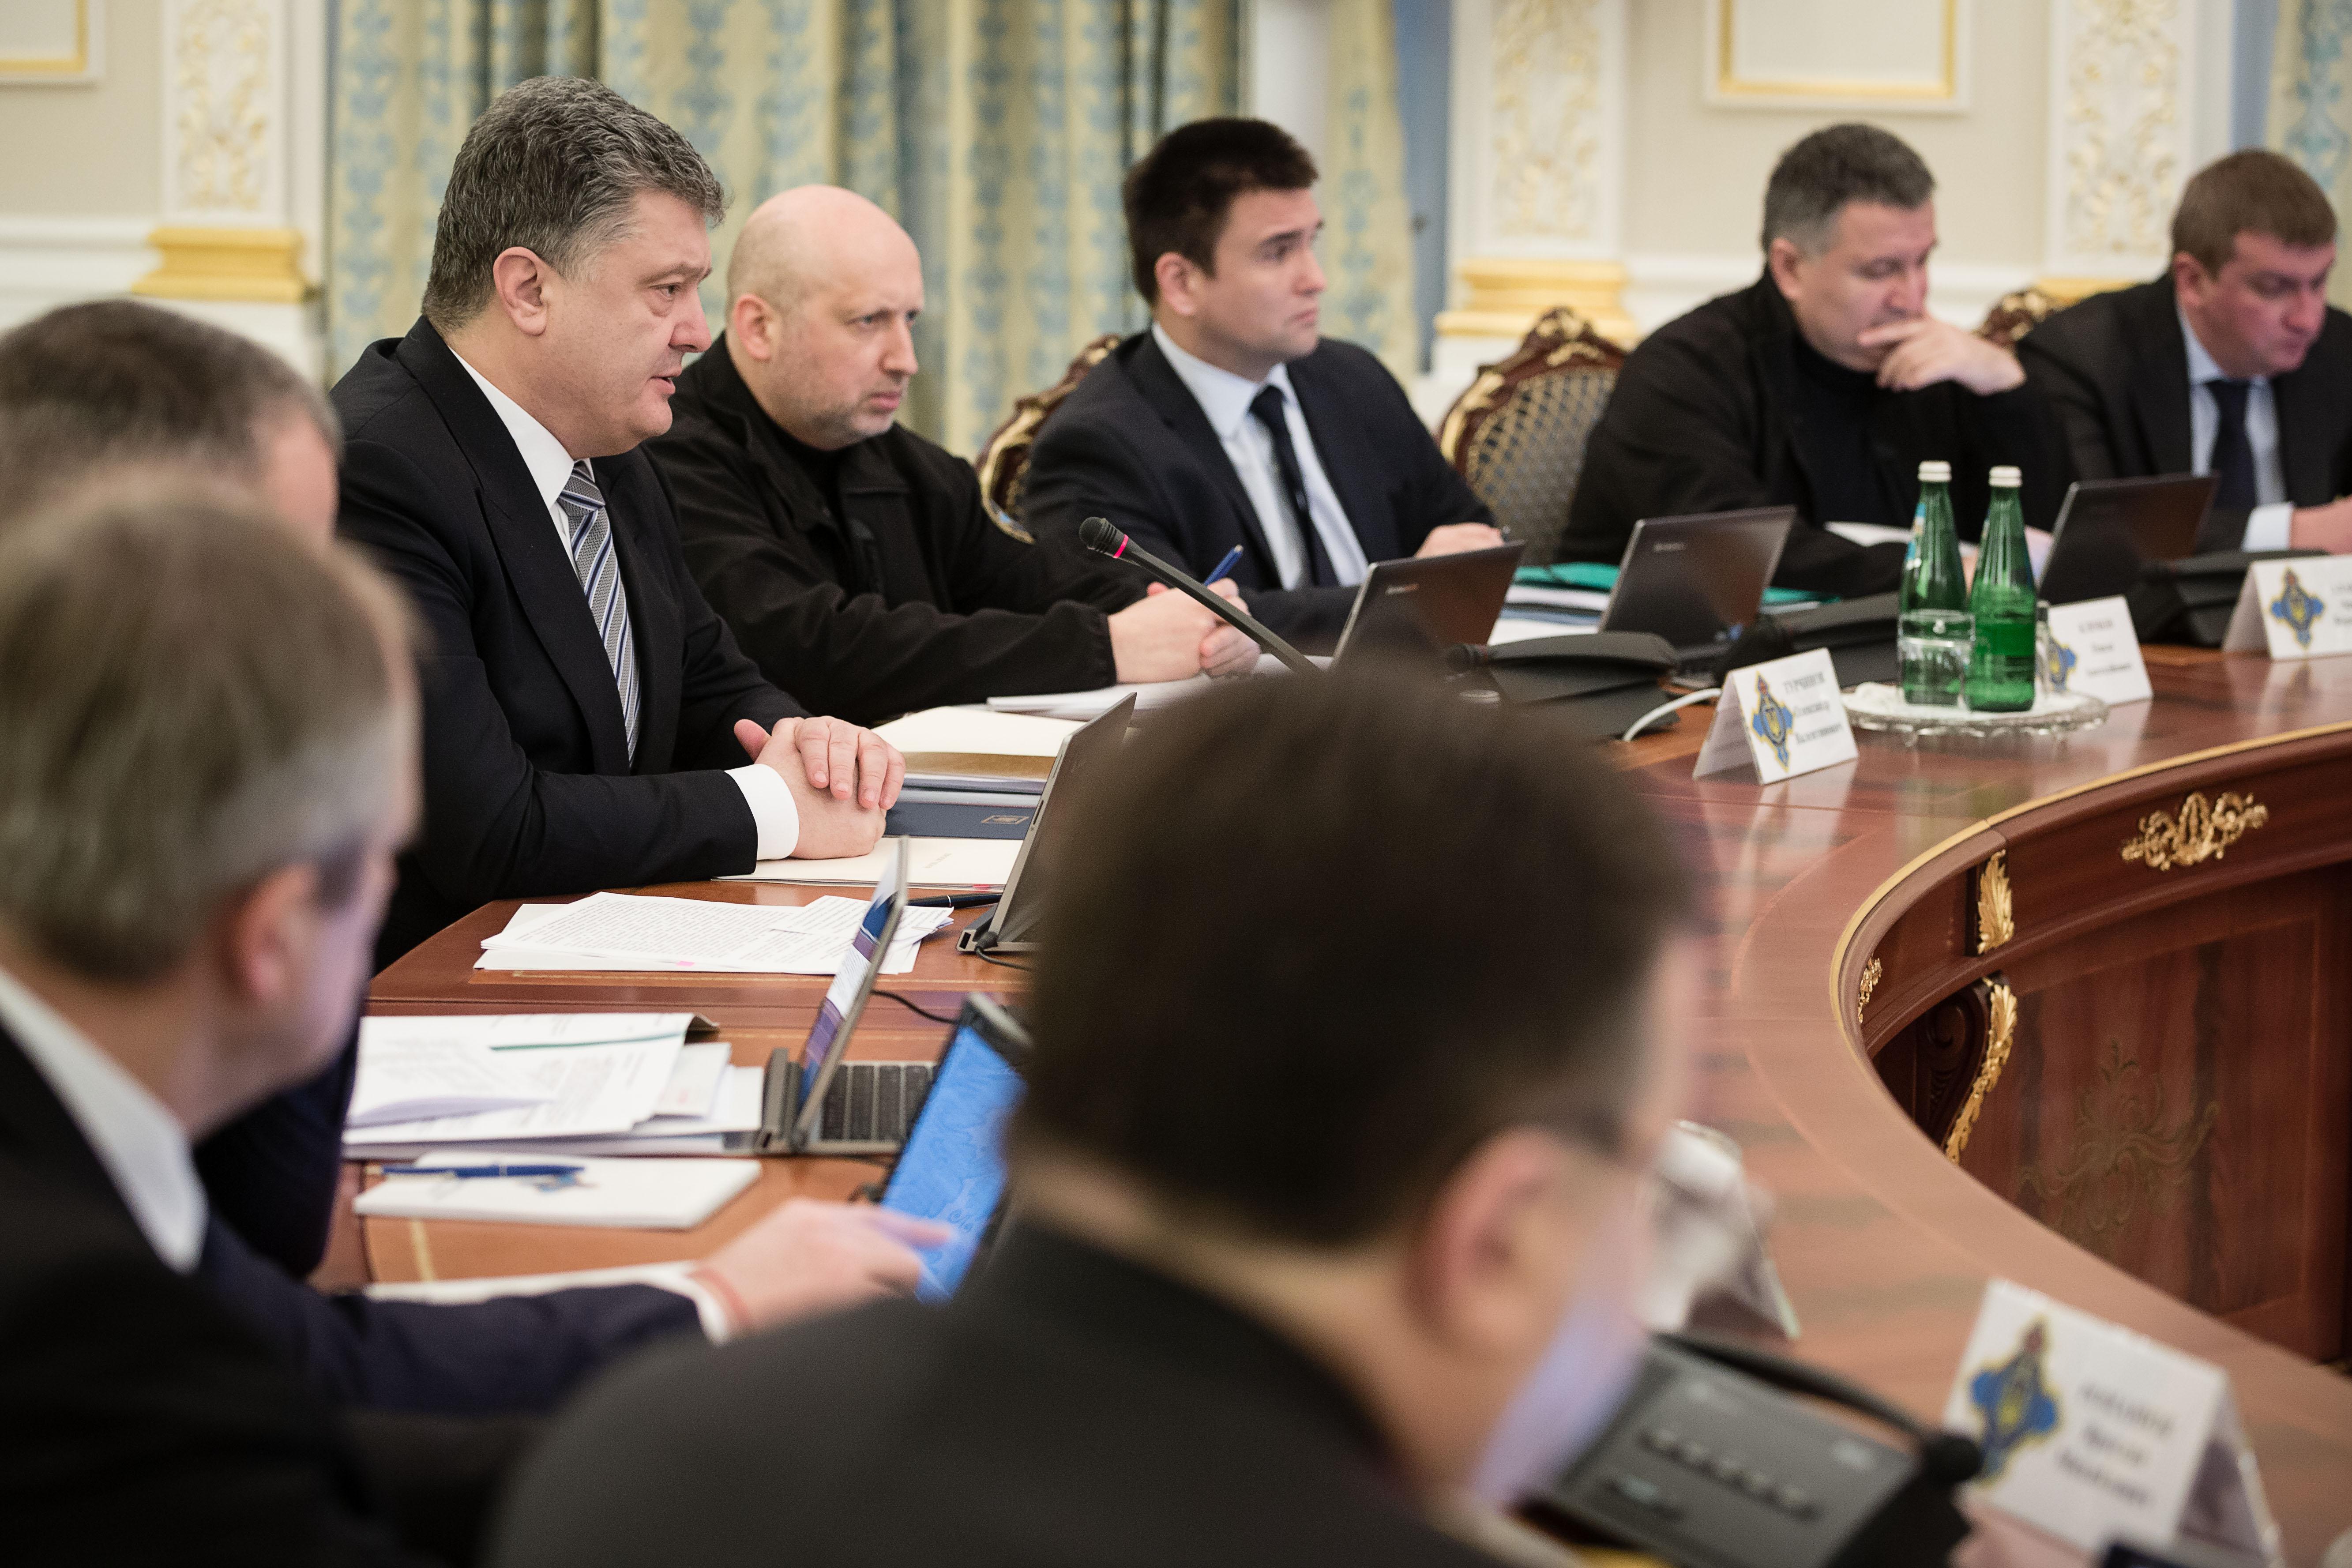 Седьмая волна на очереди? Президент Петр Порошенко подписал Указ о демобилизации четвертой волны мобилизированных